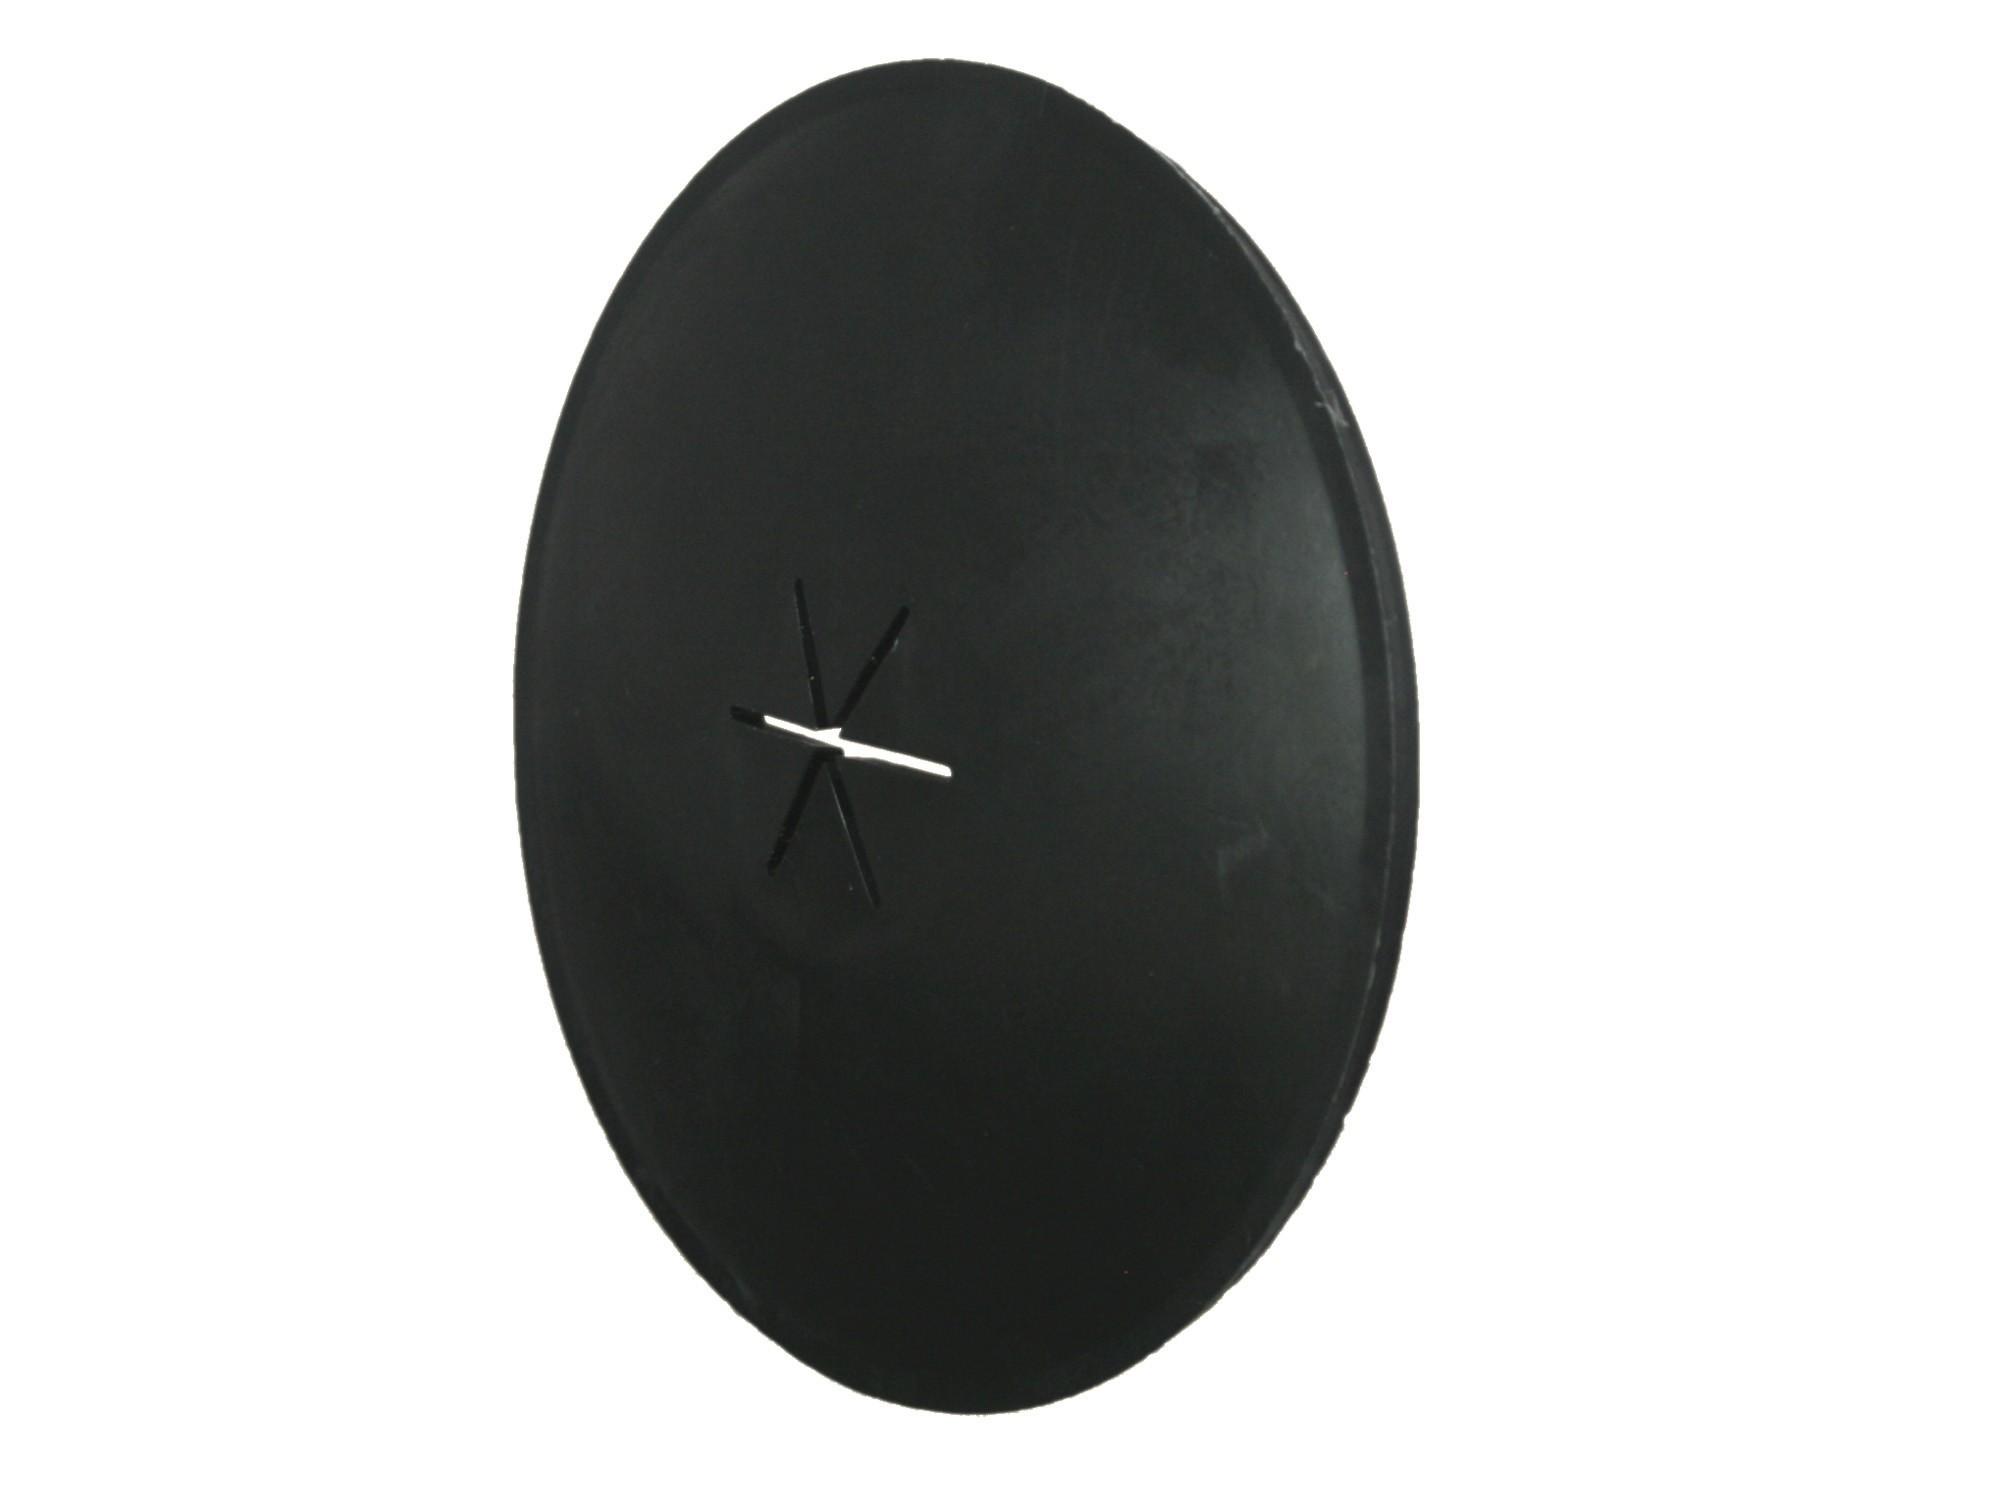 Klemring zwart Ø80 KS